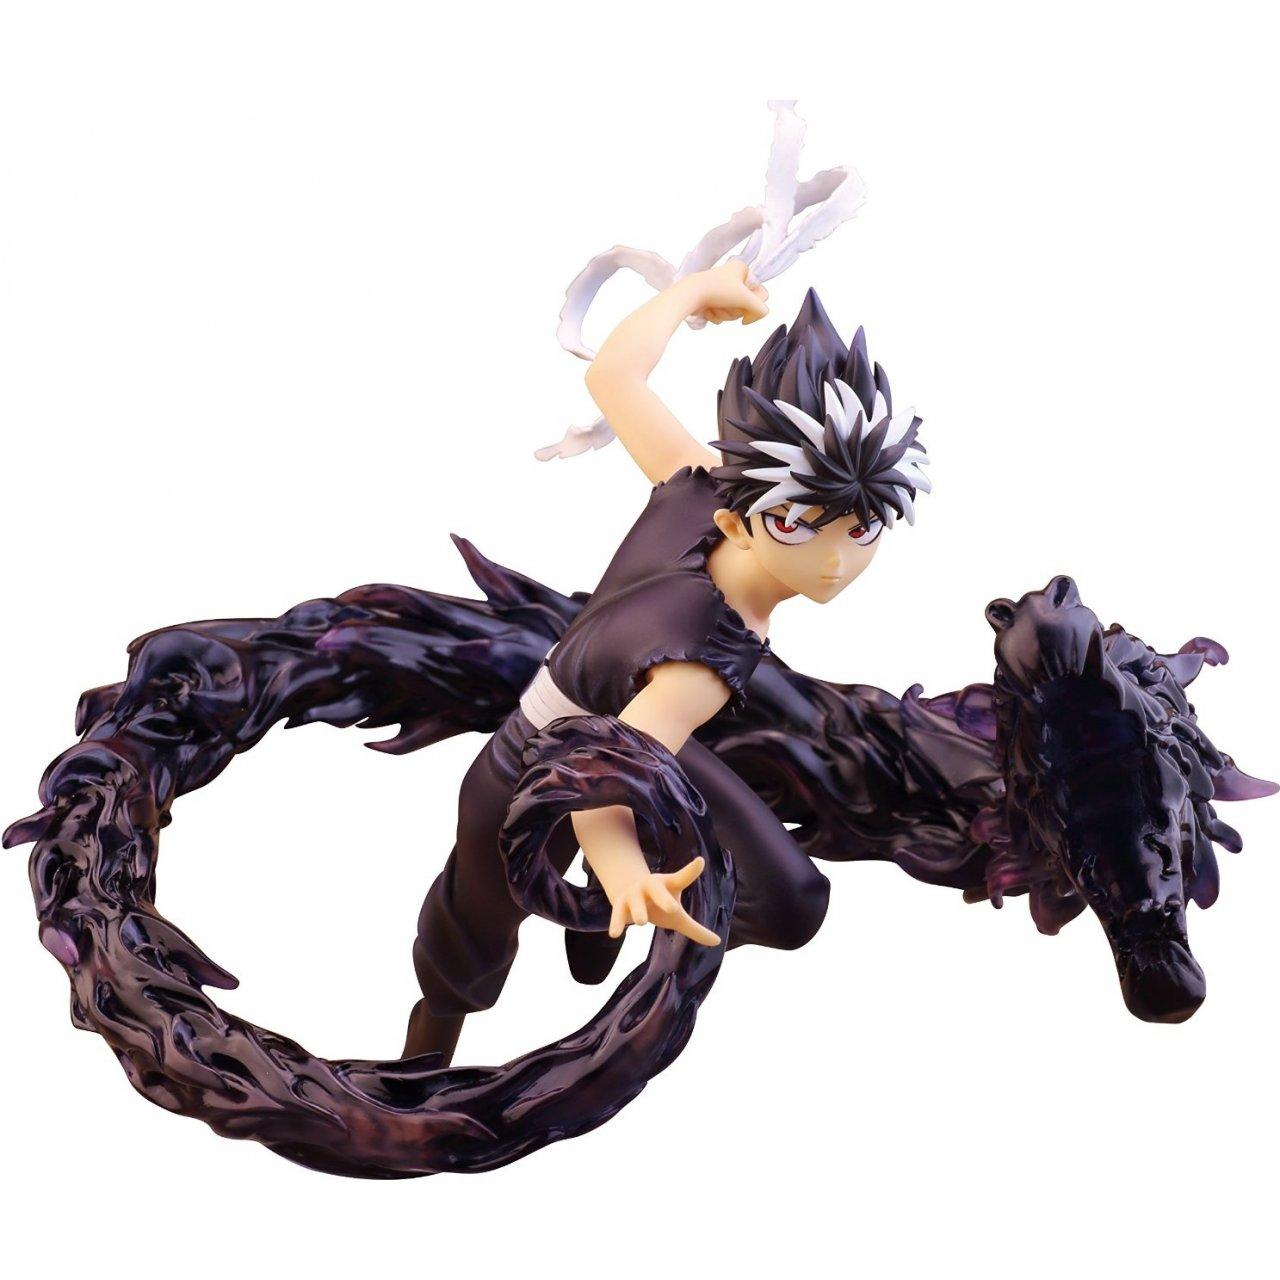 Yu Yu Hakusho Hiei Statue: Yuu Yuu Hakusho Hiei Figure Preview